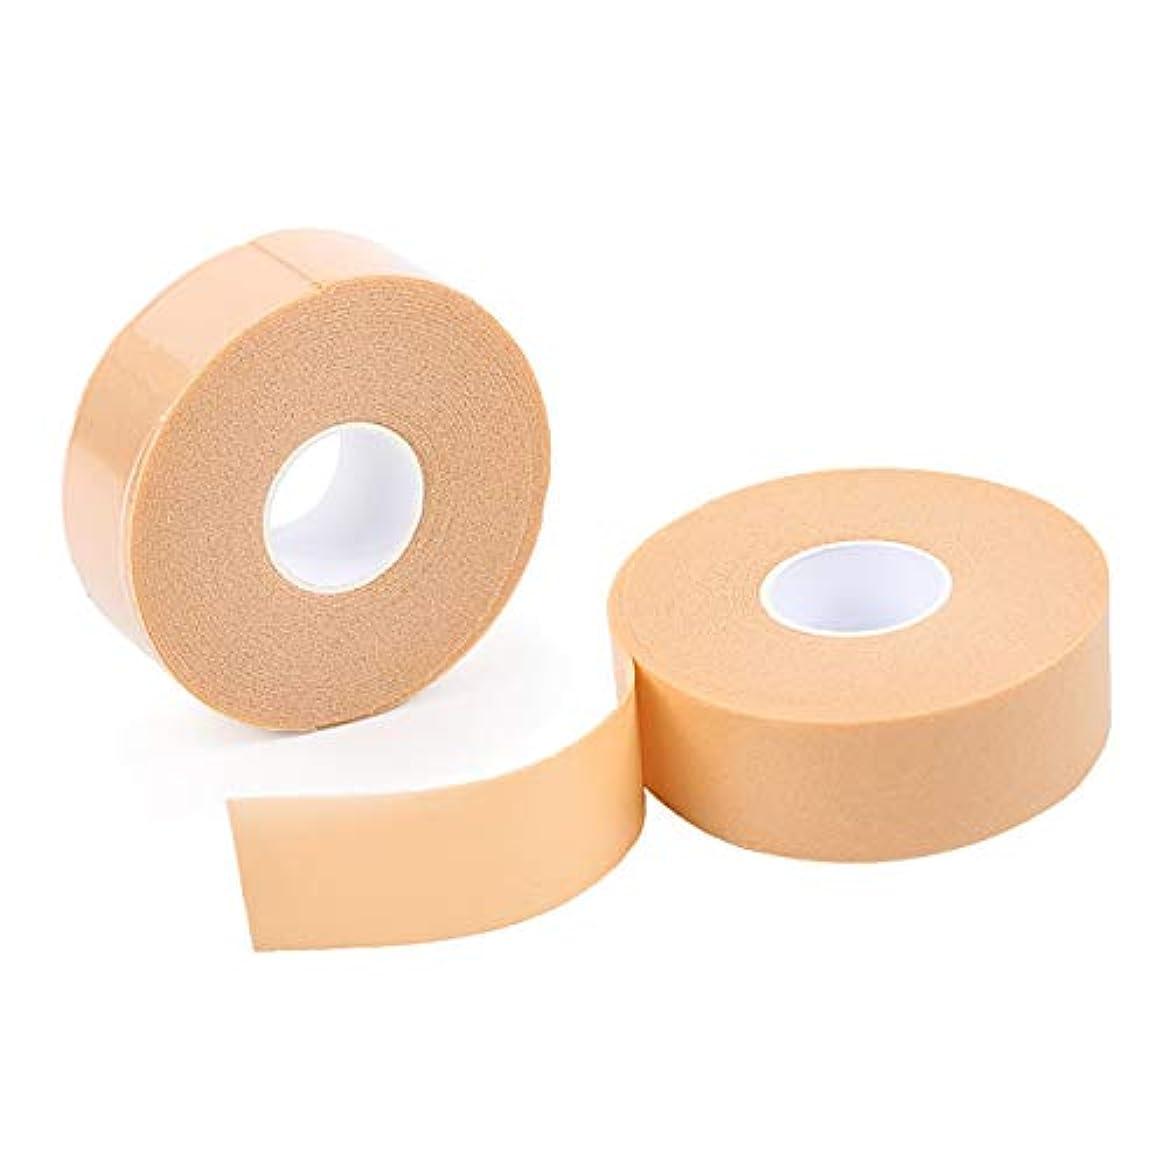 独立してブロック不注意HAMILO 保護テープ 靴ズレ かかと 足用パッド 傷テープ 厚手タイプ 手で切れる 滑り止め (4個セット)